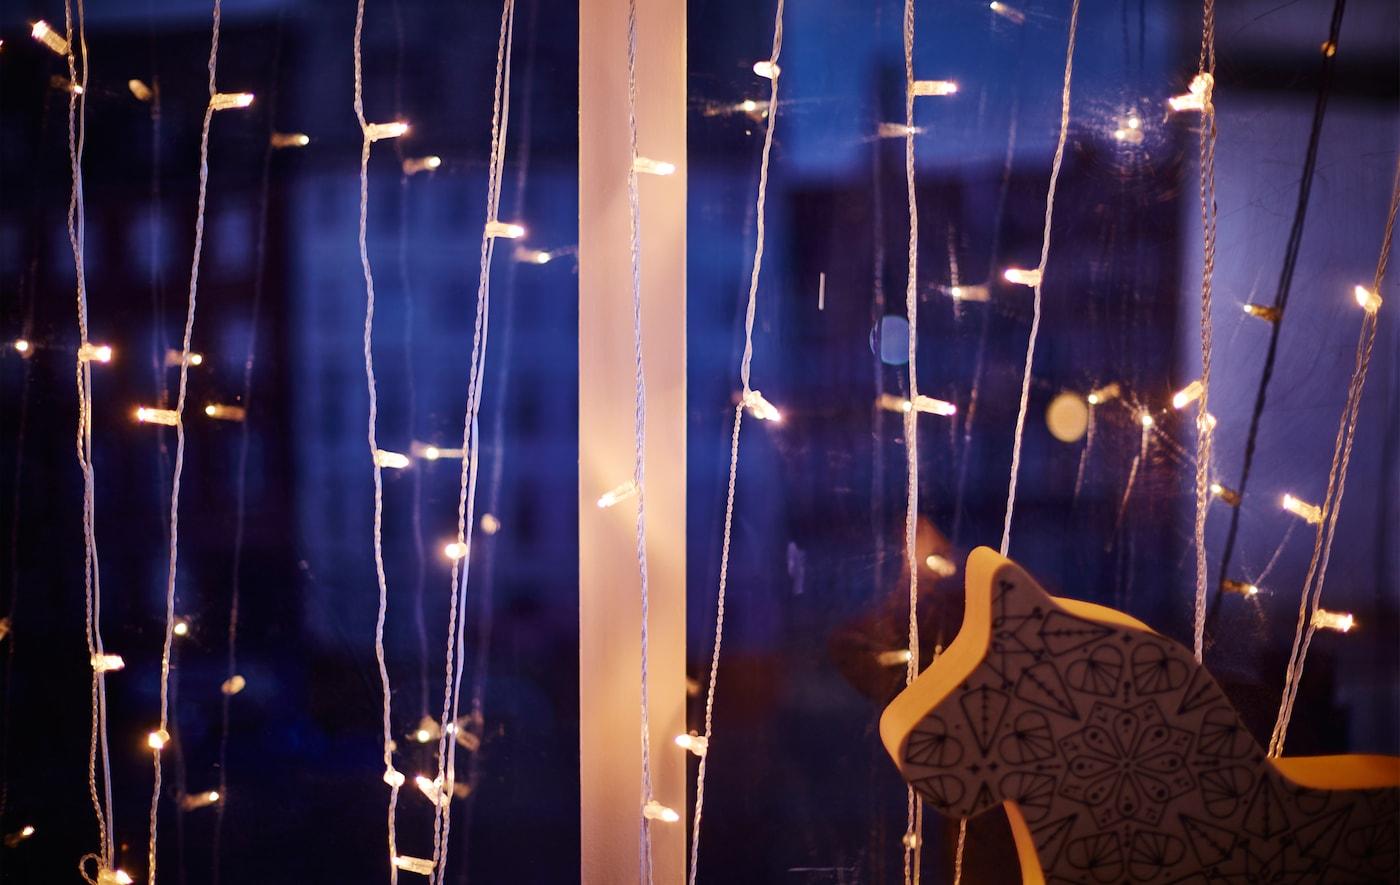 Full Size of Weihnachtsbeleuchtung Fenster Innen Led Kabellos Stern Silhouette Pyramide Bunt Mit Kabel Amazon Batterie Batteriebetrieben Ohne Fensterbank Befestigen Ganz Fenster Weihnachtsbeleuchtung Fenster